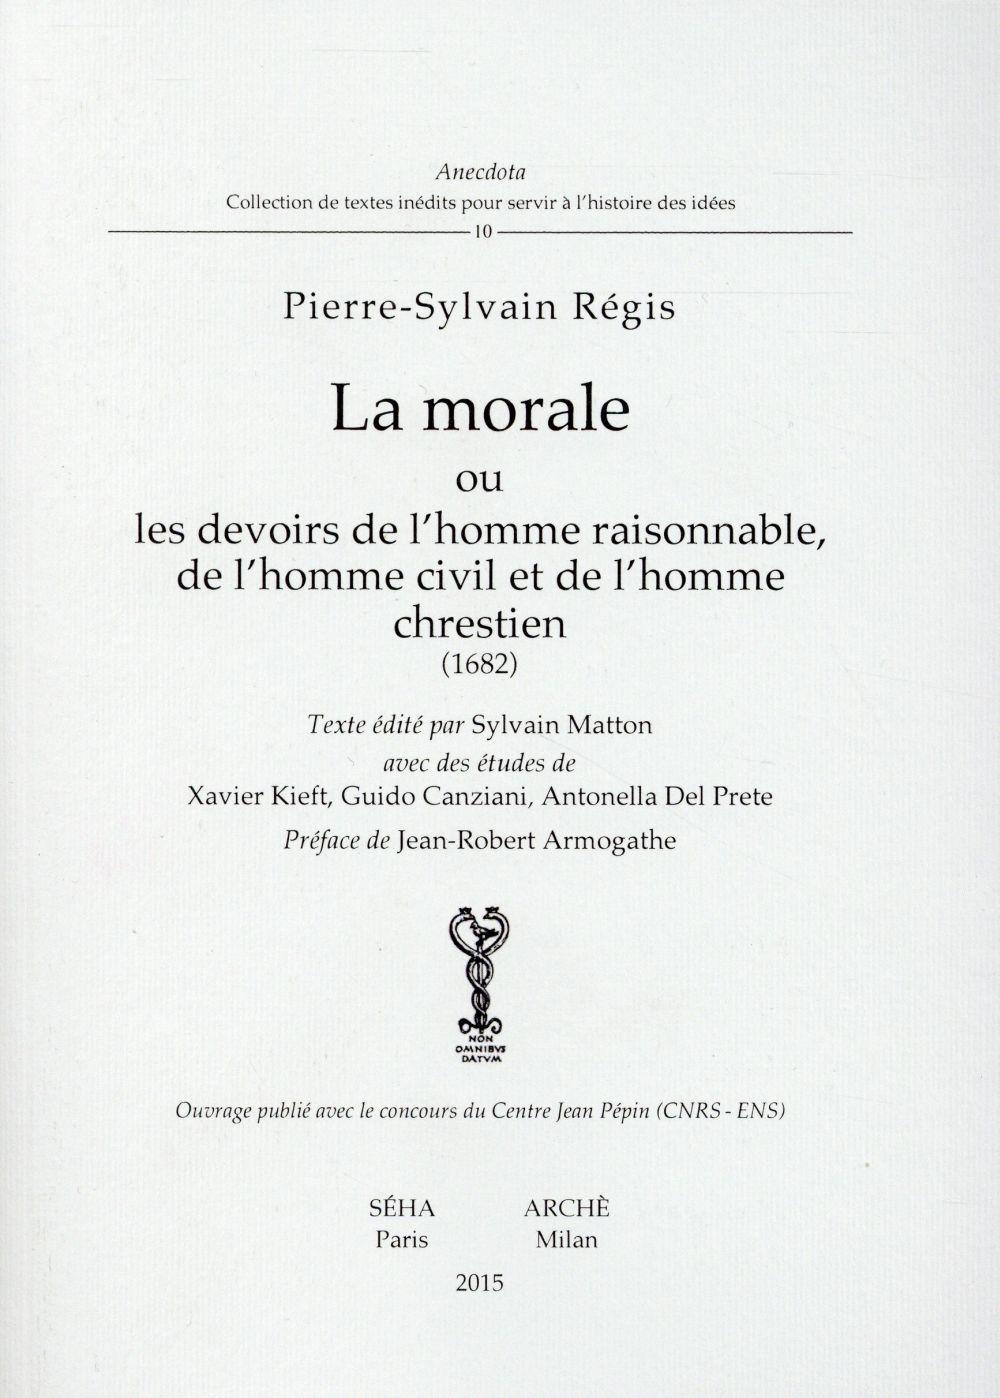 La morale ou les devoirs de l'homme raisonnable, de l'homme civil et de l'homme chrestien (1682)